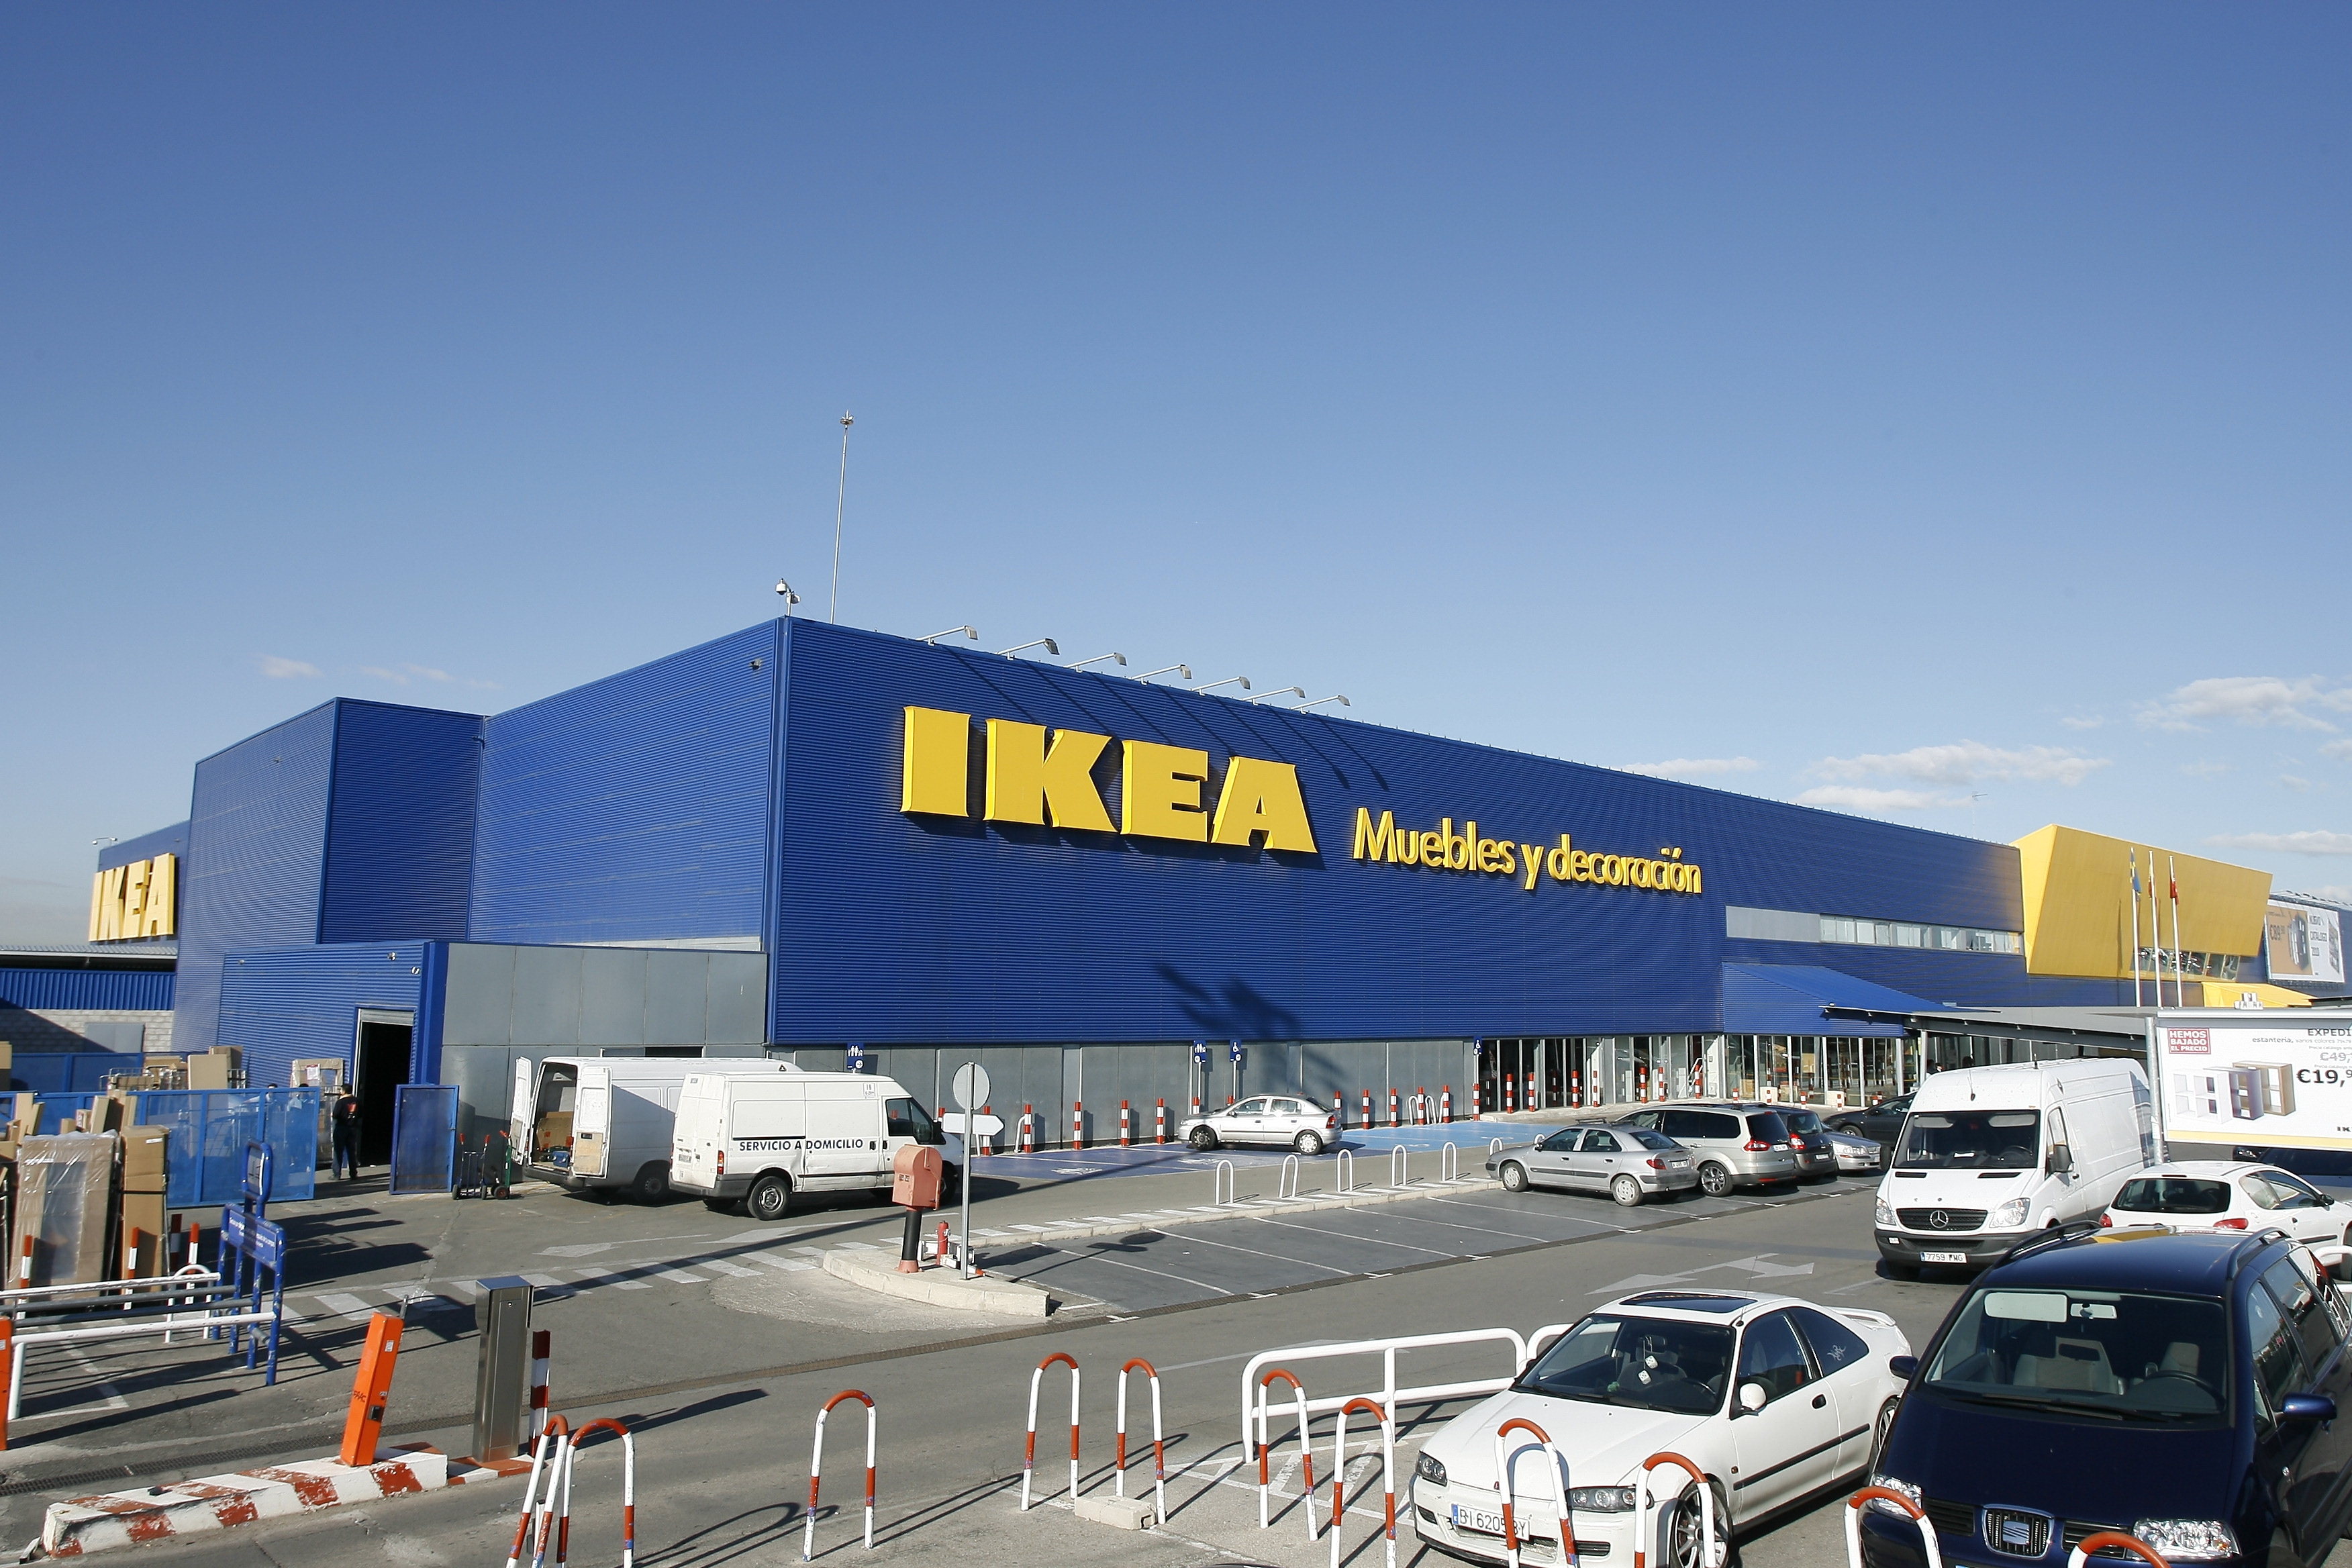 Ikea alcorcon tiendas espa a comfort works blog design for Ikea gran canaria telefono